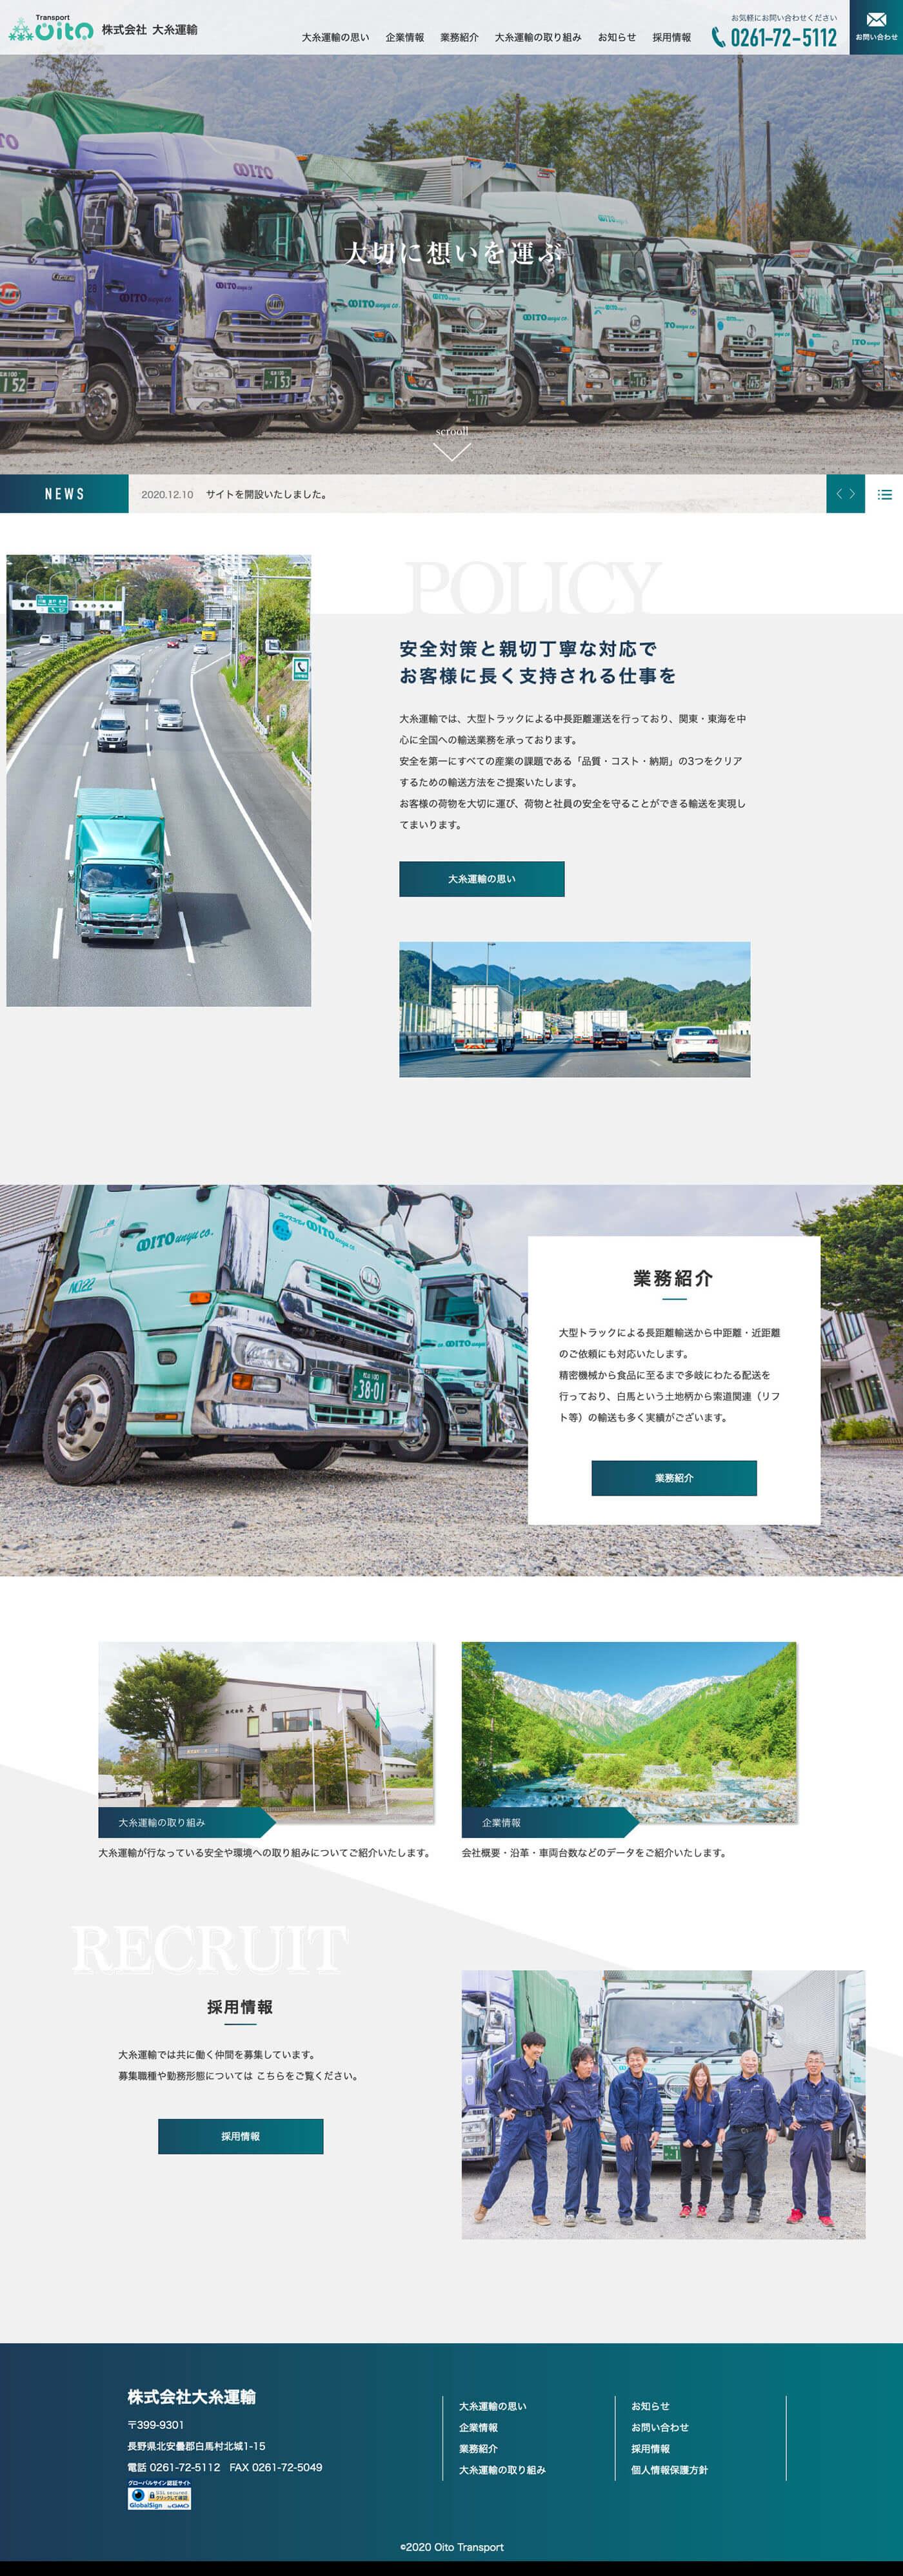 株式会社大糸運輸pcイメージ